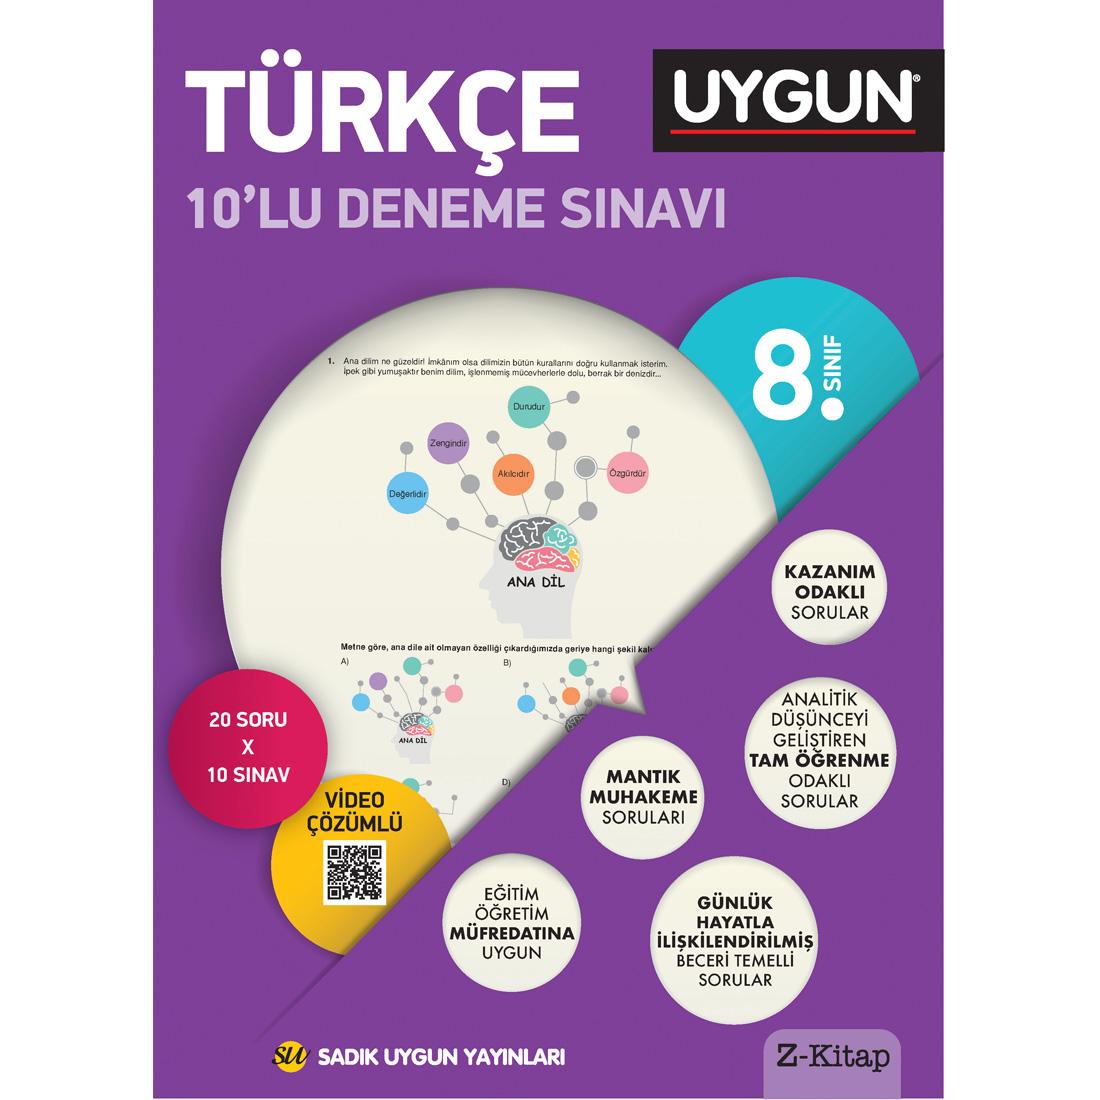 8.Sınıf 8 Deneme Kitabı 10'Lu Türkçe Sadık Uygun Yayınları